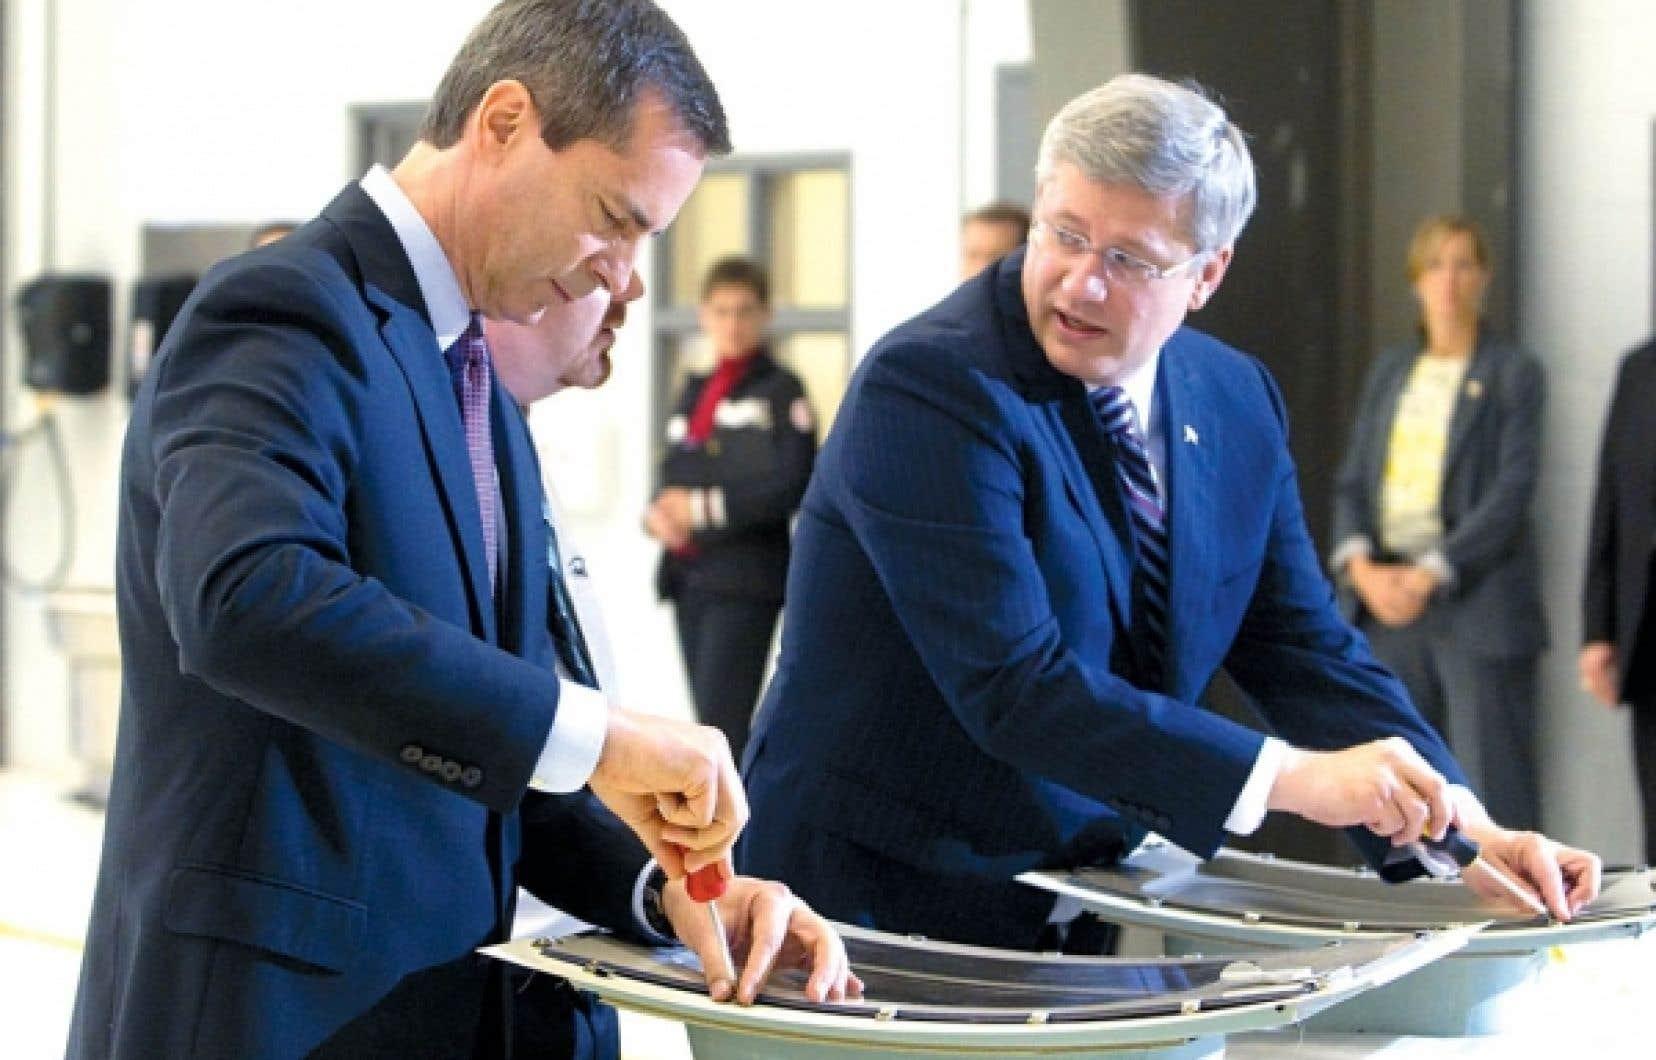 Stephen Harper, qu'on voit ici s'essayer à la fabrication de hublot en compagnie du premier ministre ontarien, Dalton McGuinty, était de passage hier à Peterborough. Il s'y est engagé à maintenir «la représentation proportionnelle» du Québec aux Communes.